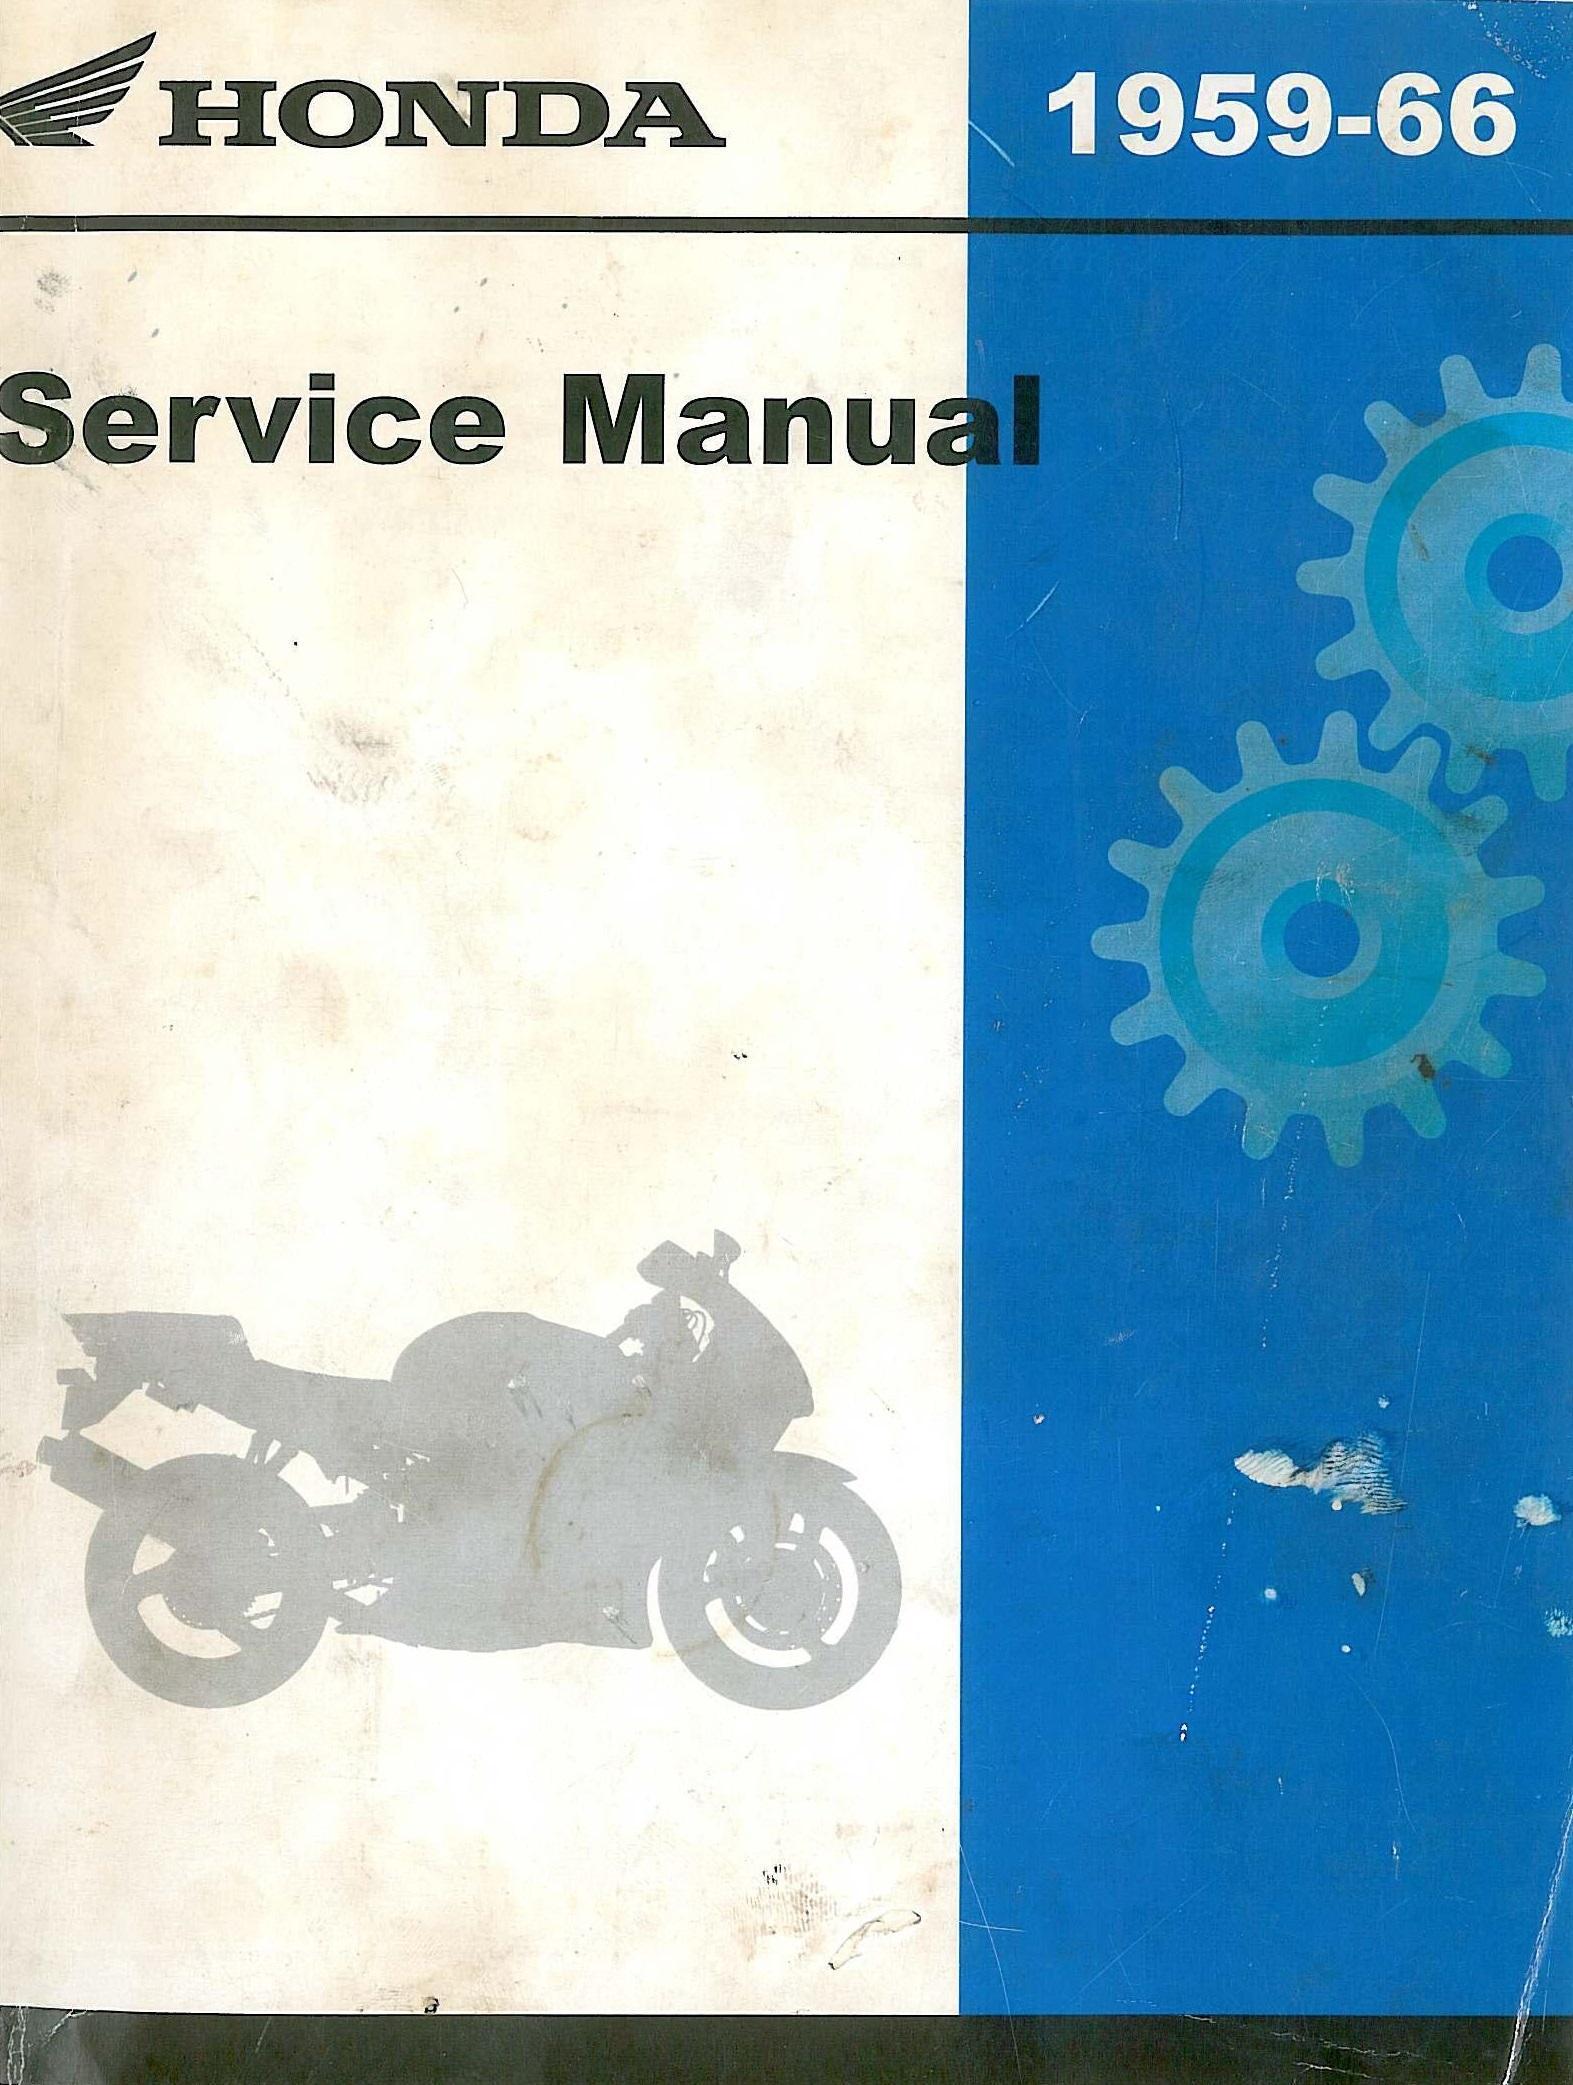 Workshopmanual For Honda C95 (1959-1966)